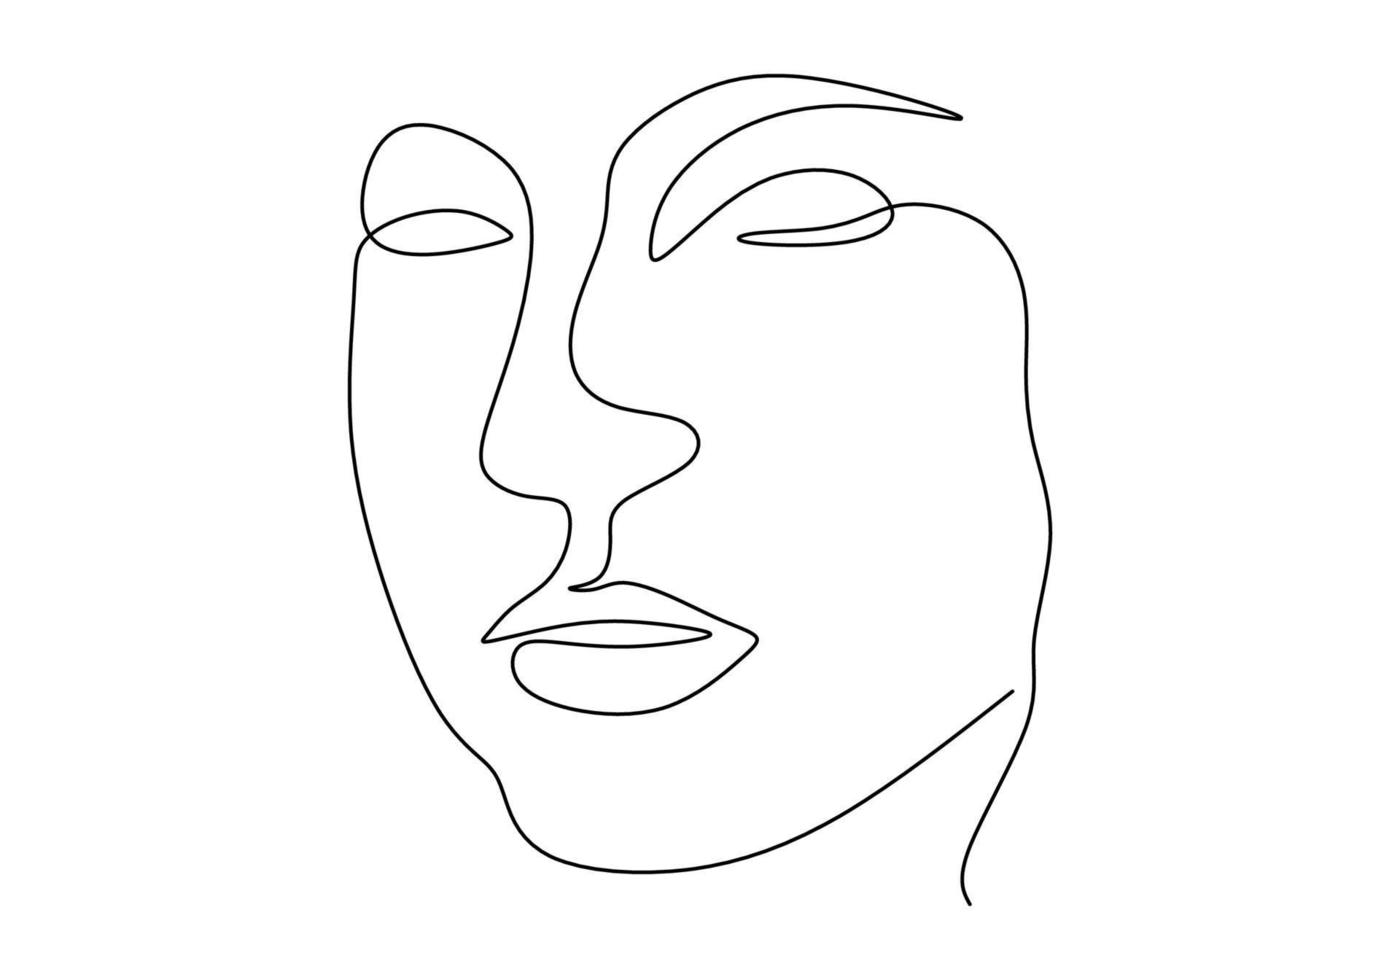 dibujo de línea continua cara abstracta. vector de minimalismo aislado sobre fondo blanco.